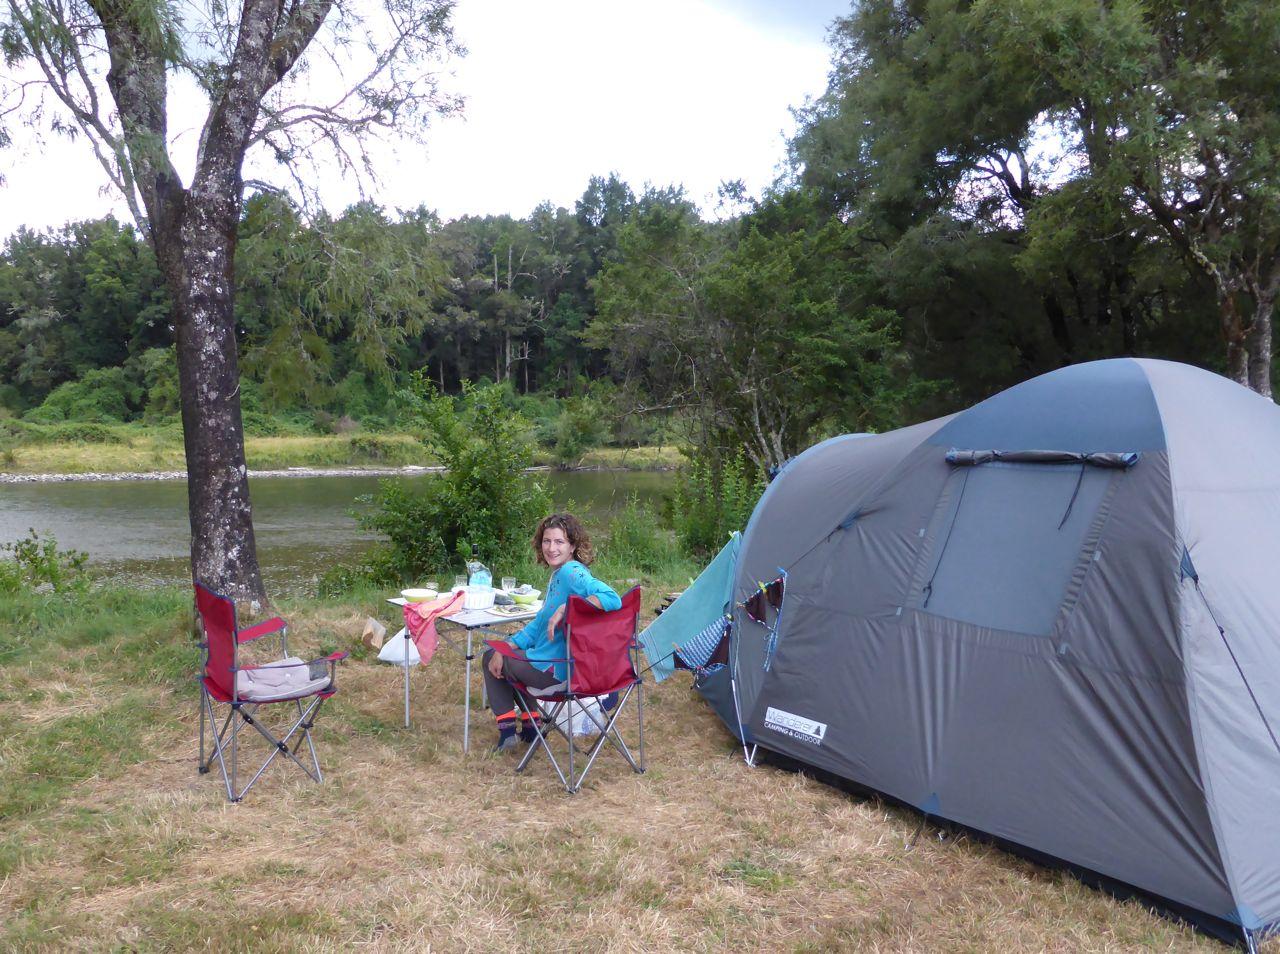 Nu met de tent langs de rivier